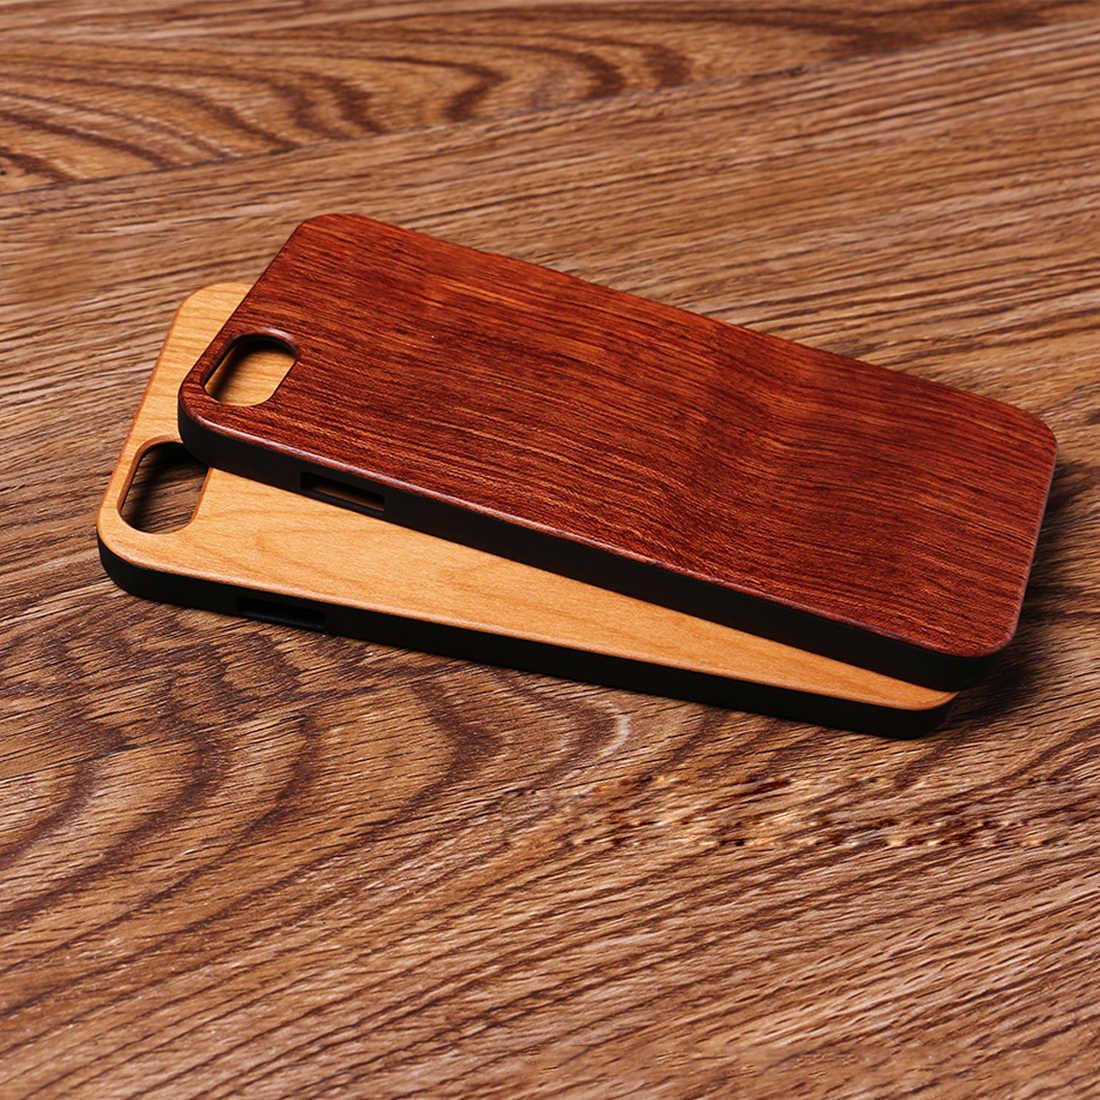 ace70b091c972 ... Etmakit деревянная крышка для iPhone 7 Plus чехол из натурального  бамбука Деревянные телефонные чехлы iPhone 6 ...